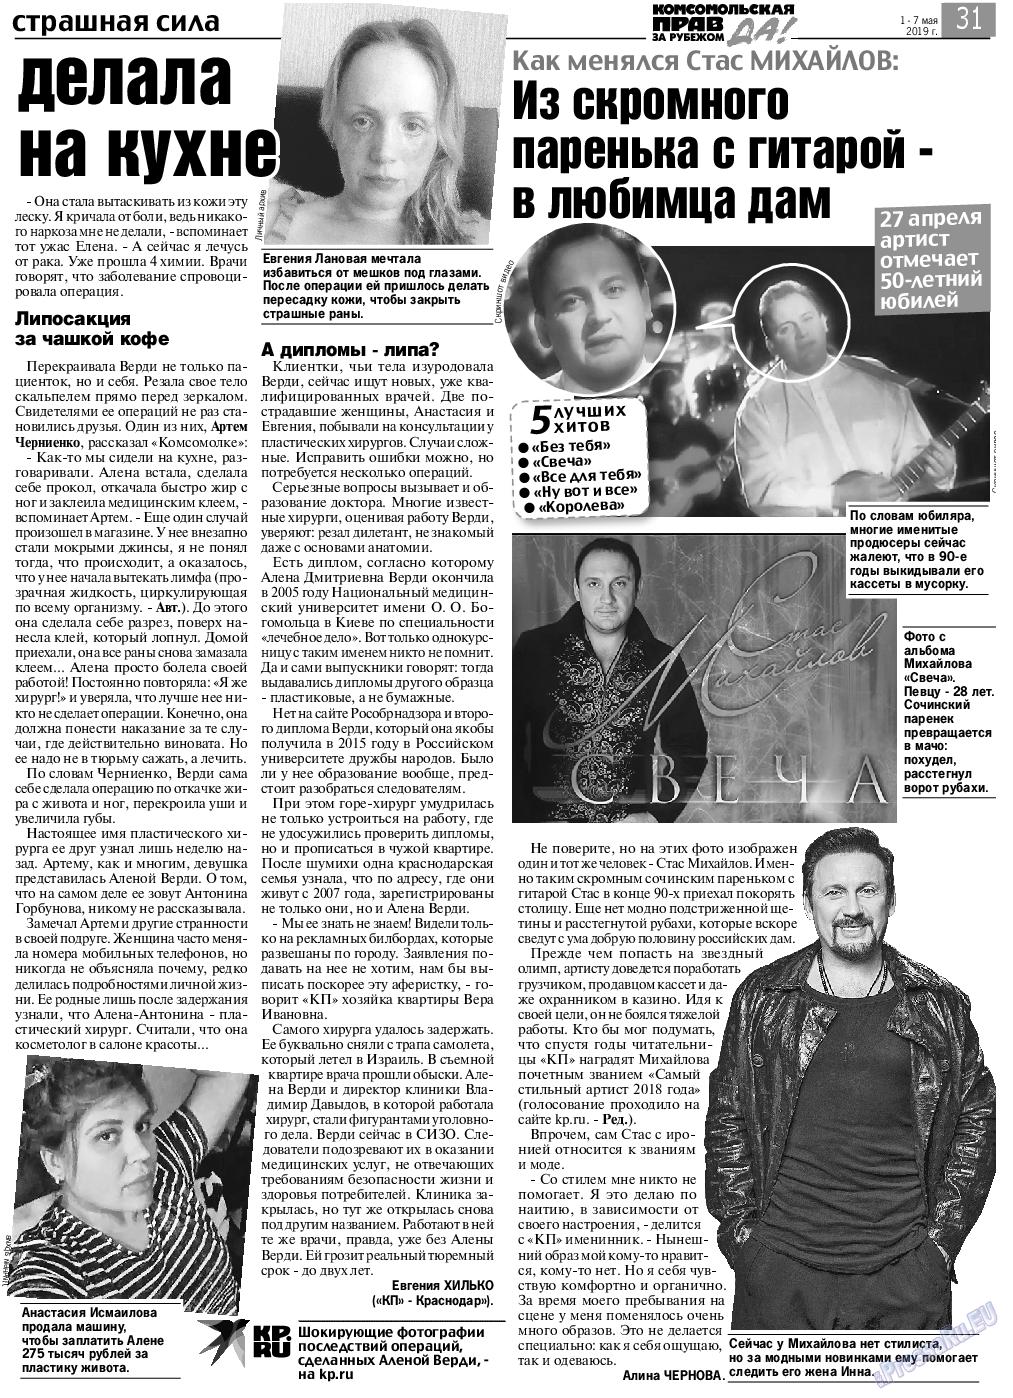 КП в Европе (газета). 2019 год, номер 18, стр. 31